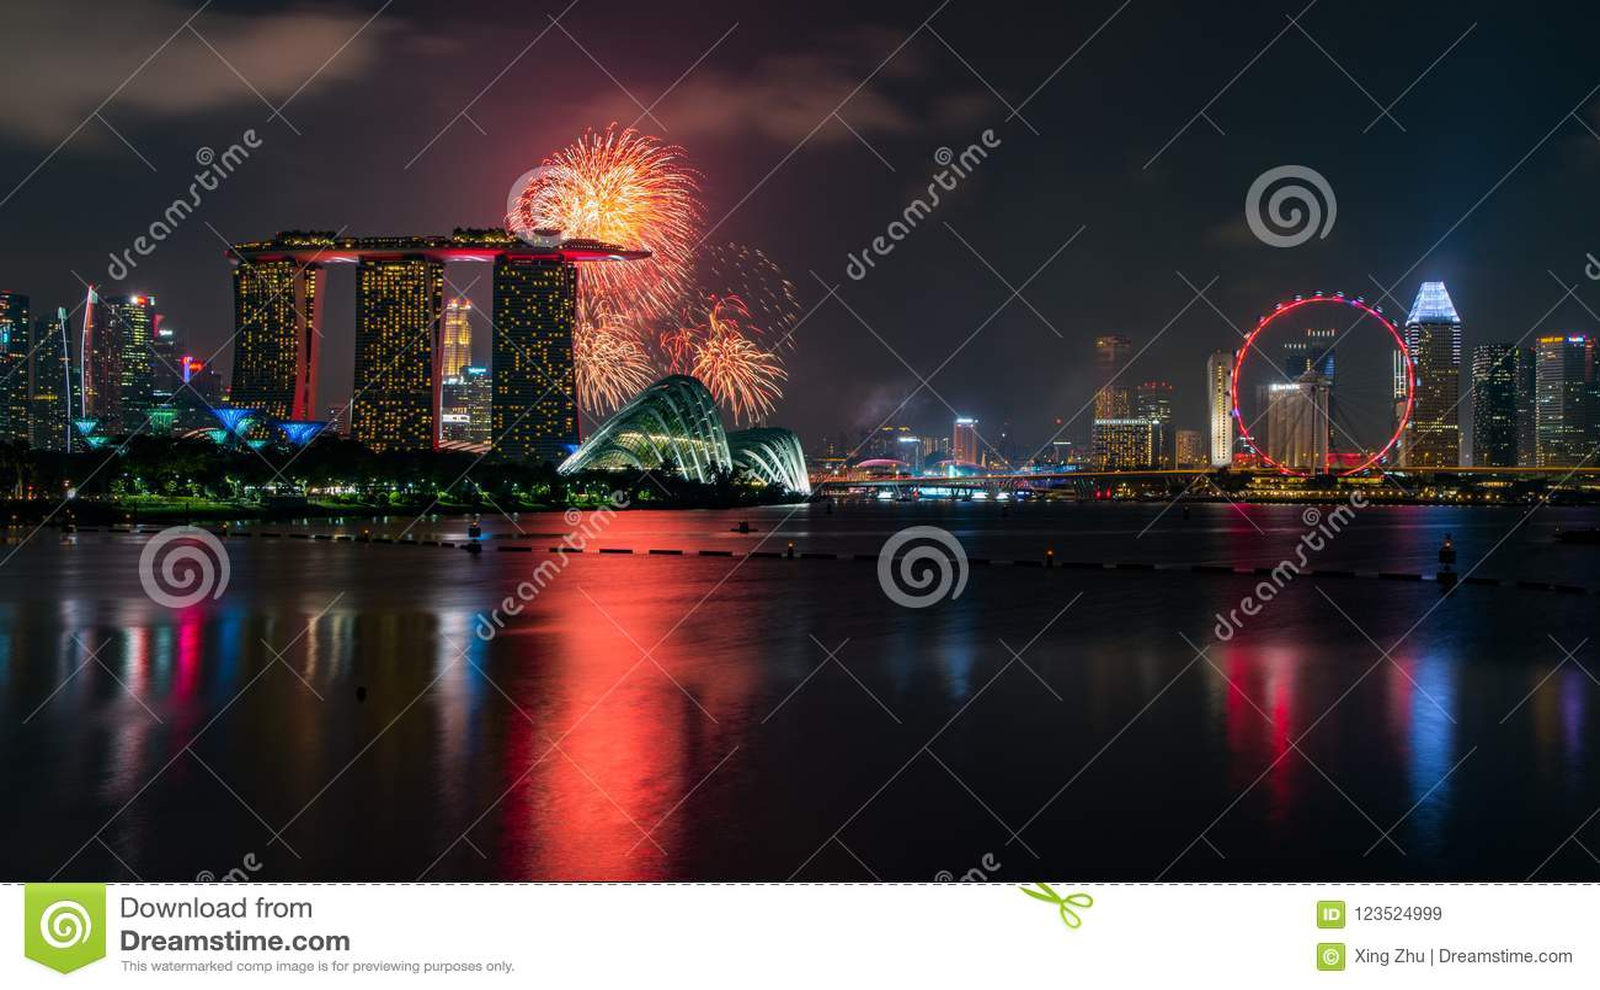 Feuerwerk am Nationaltag, Singapur, eine mordern Stadt